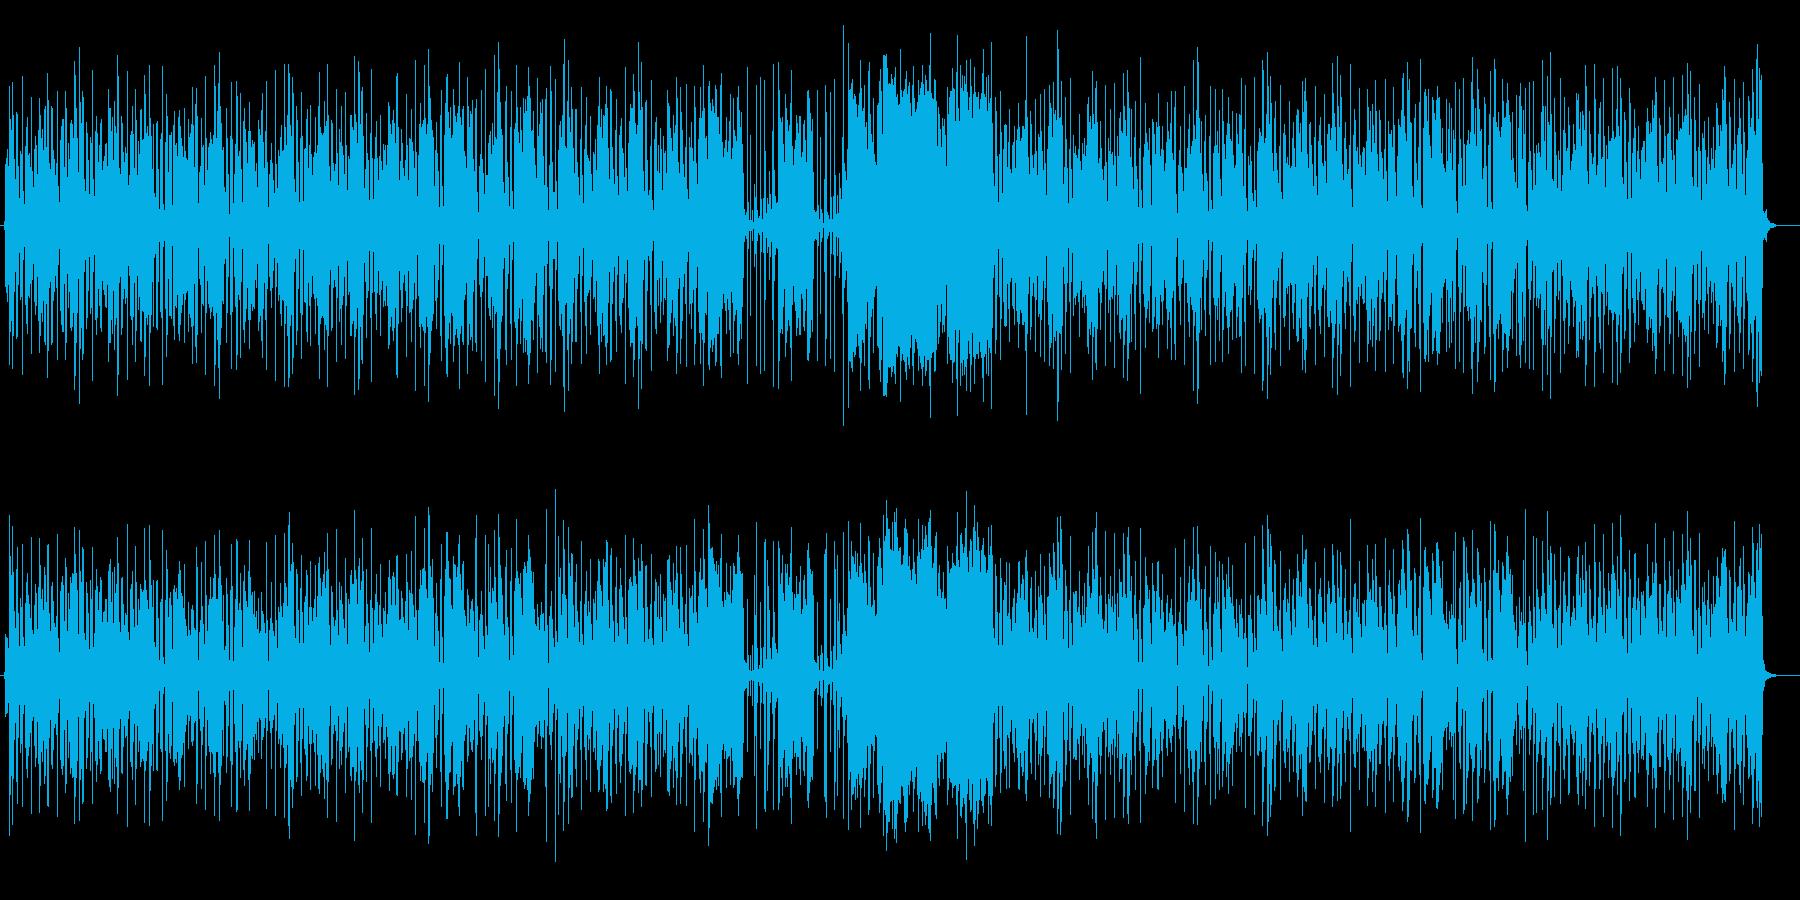 ポップな童謡風リラクゼーション音楽の再生済みの波形